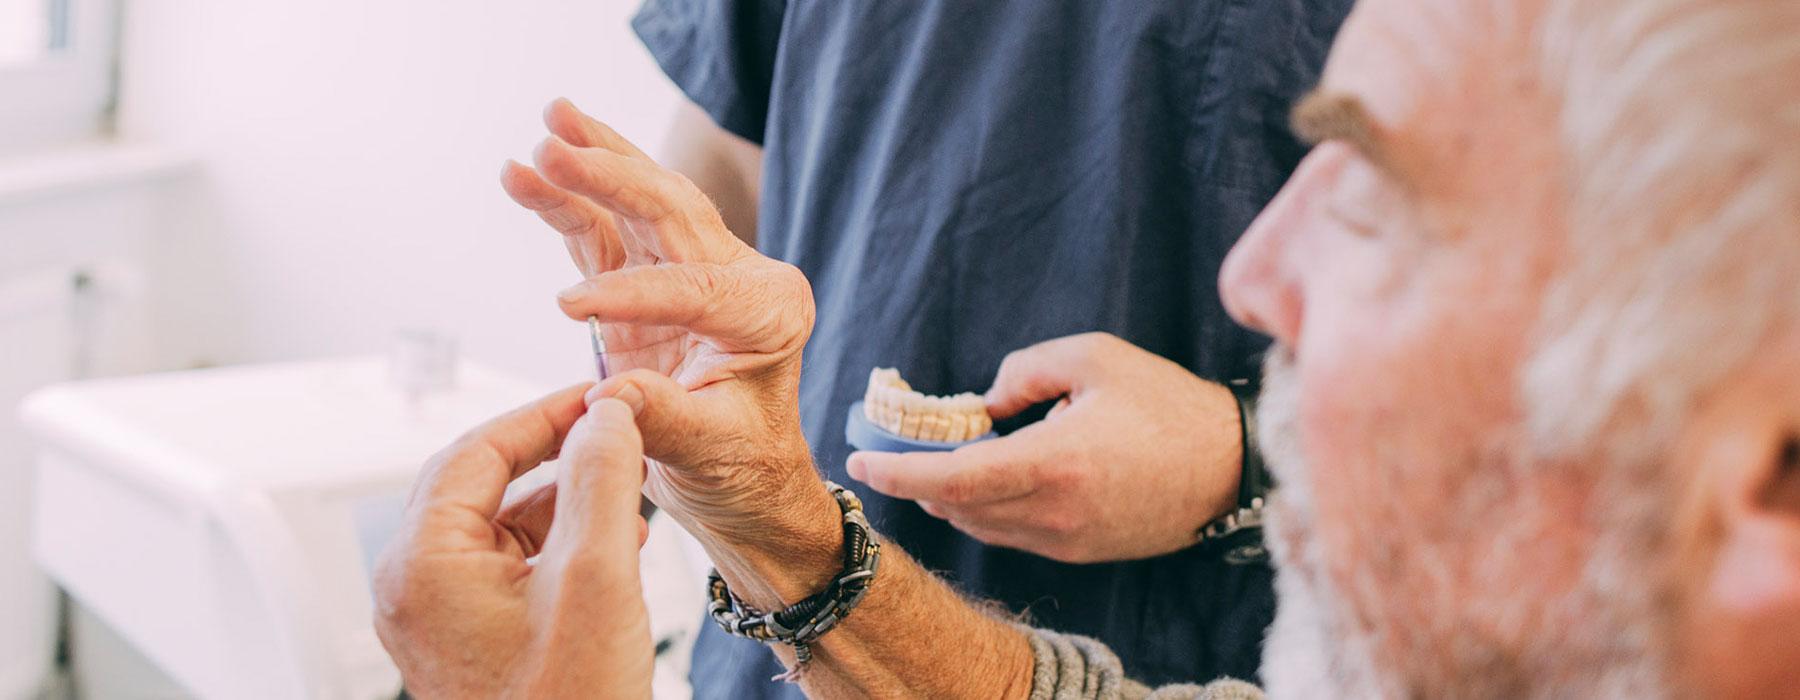 Patient hält kleines Zahnimplantat zwischen den Fingern, das ihm Dr. Thorn in Frankfurt einsetzen möchte.